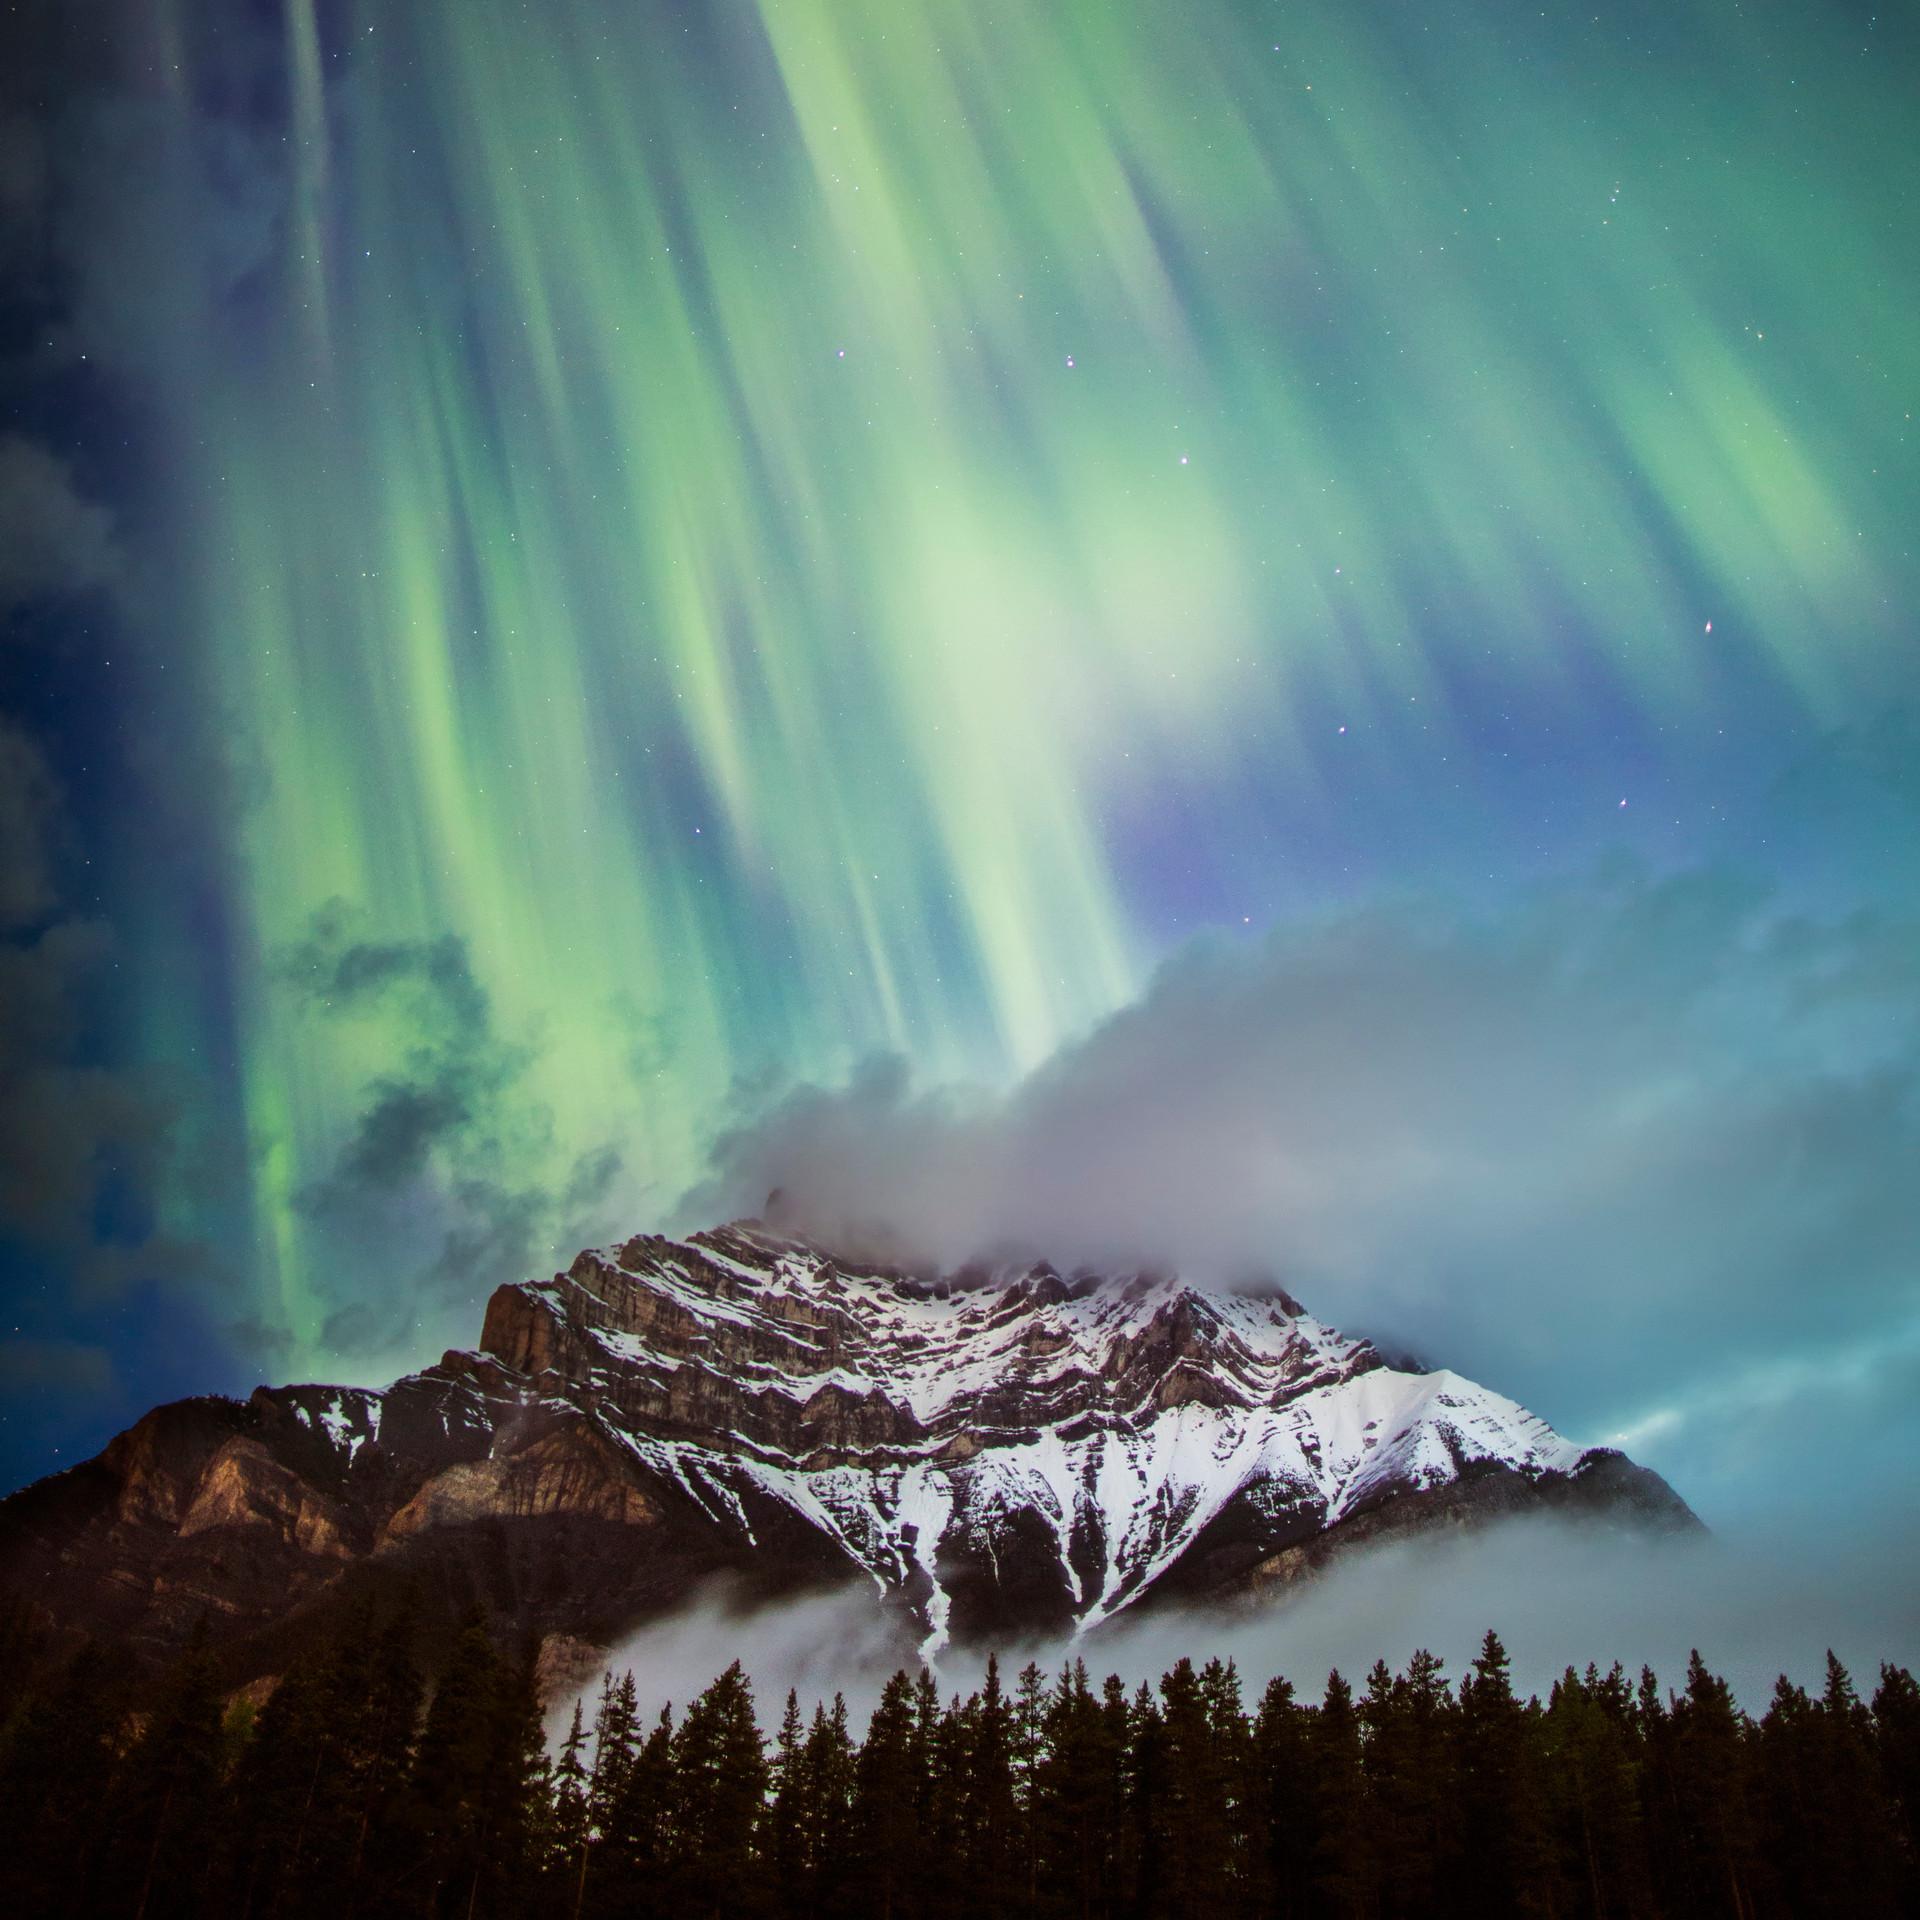 Northern_Lights_Cascade_Banff_Paul_Zizka